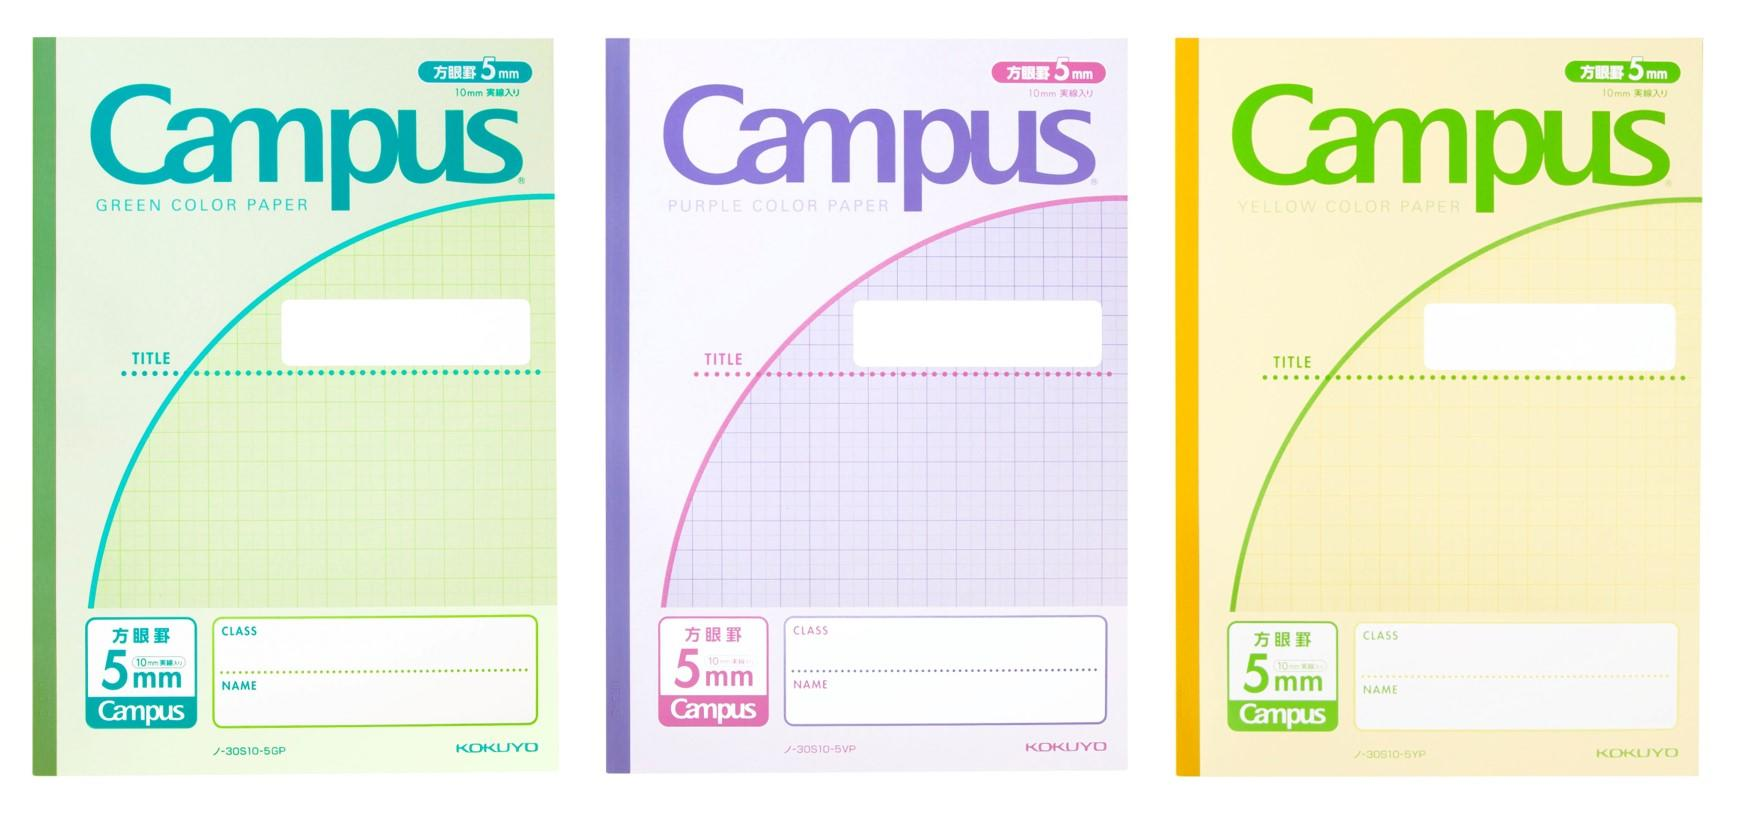 キャンパスノート(用途別・カラーペーパー)